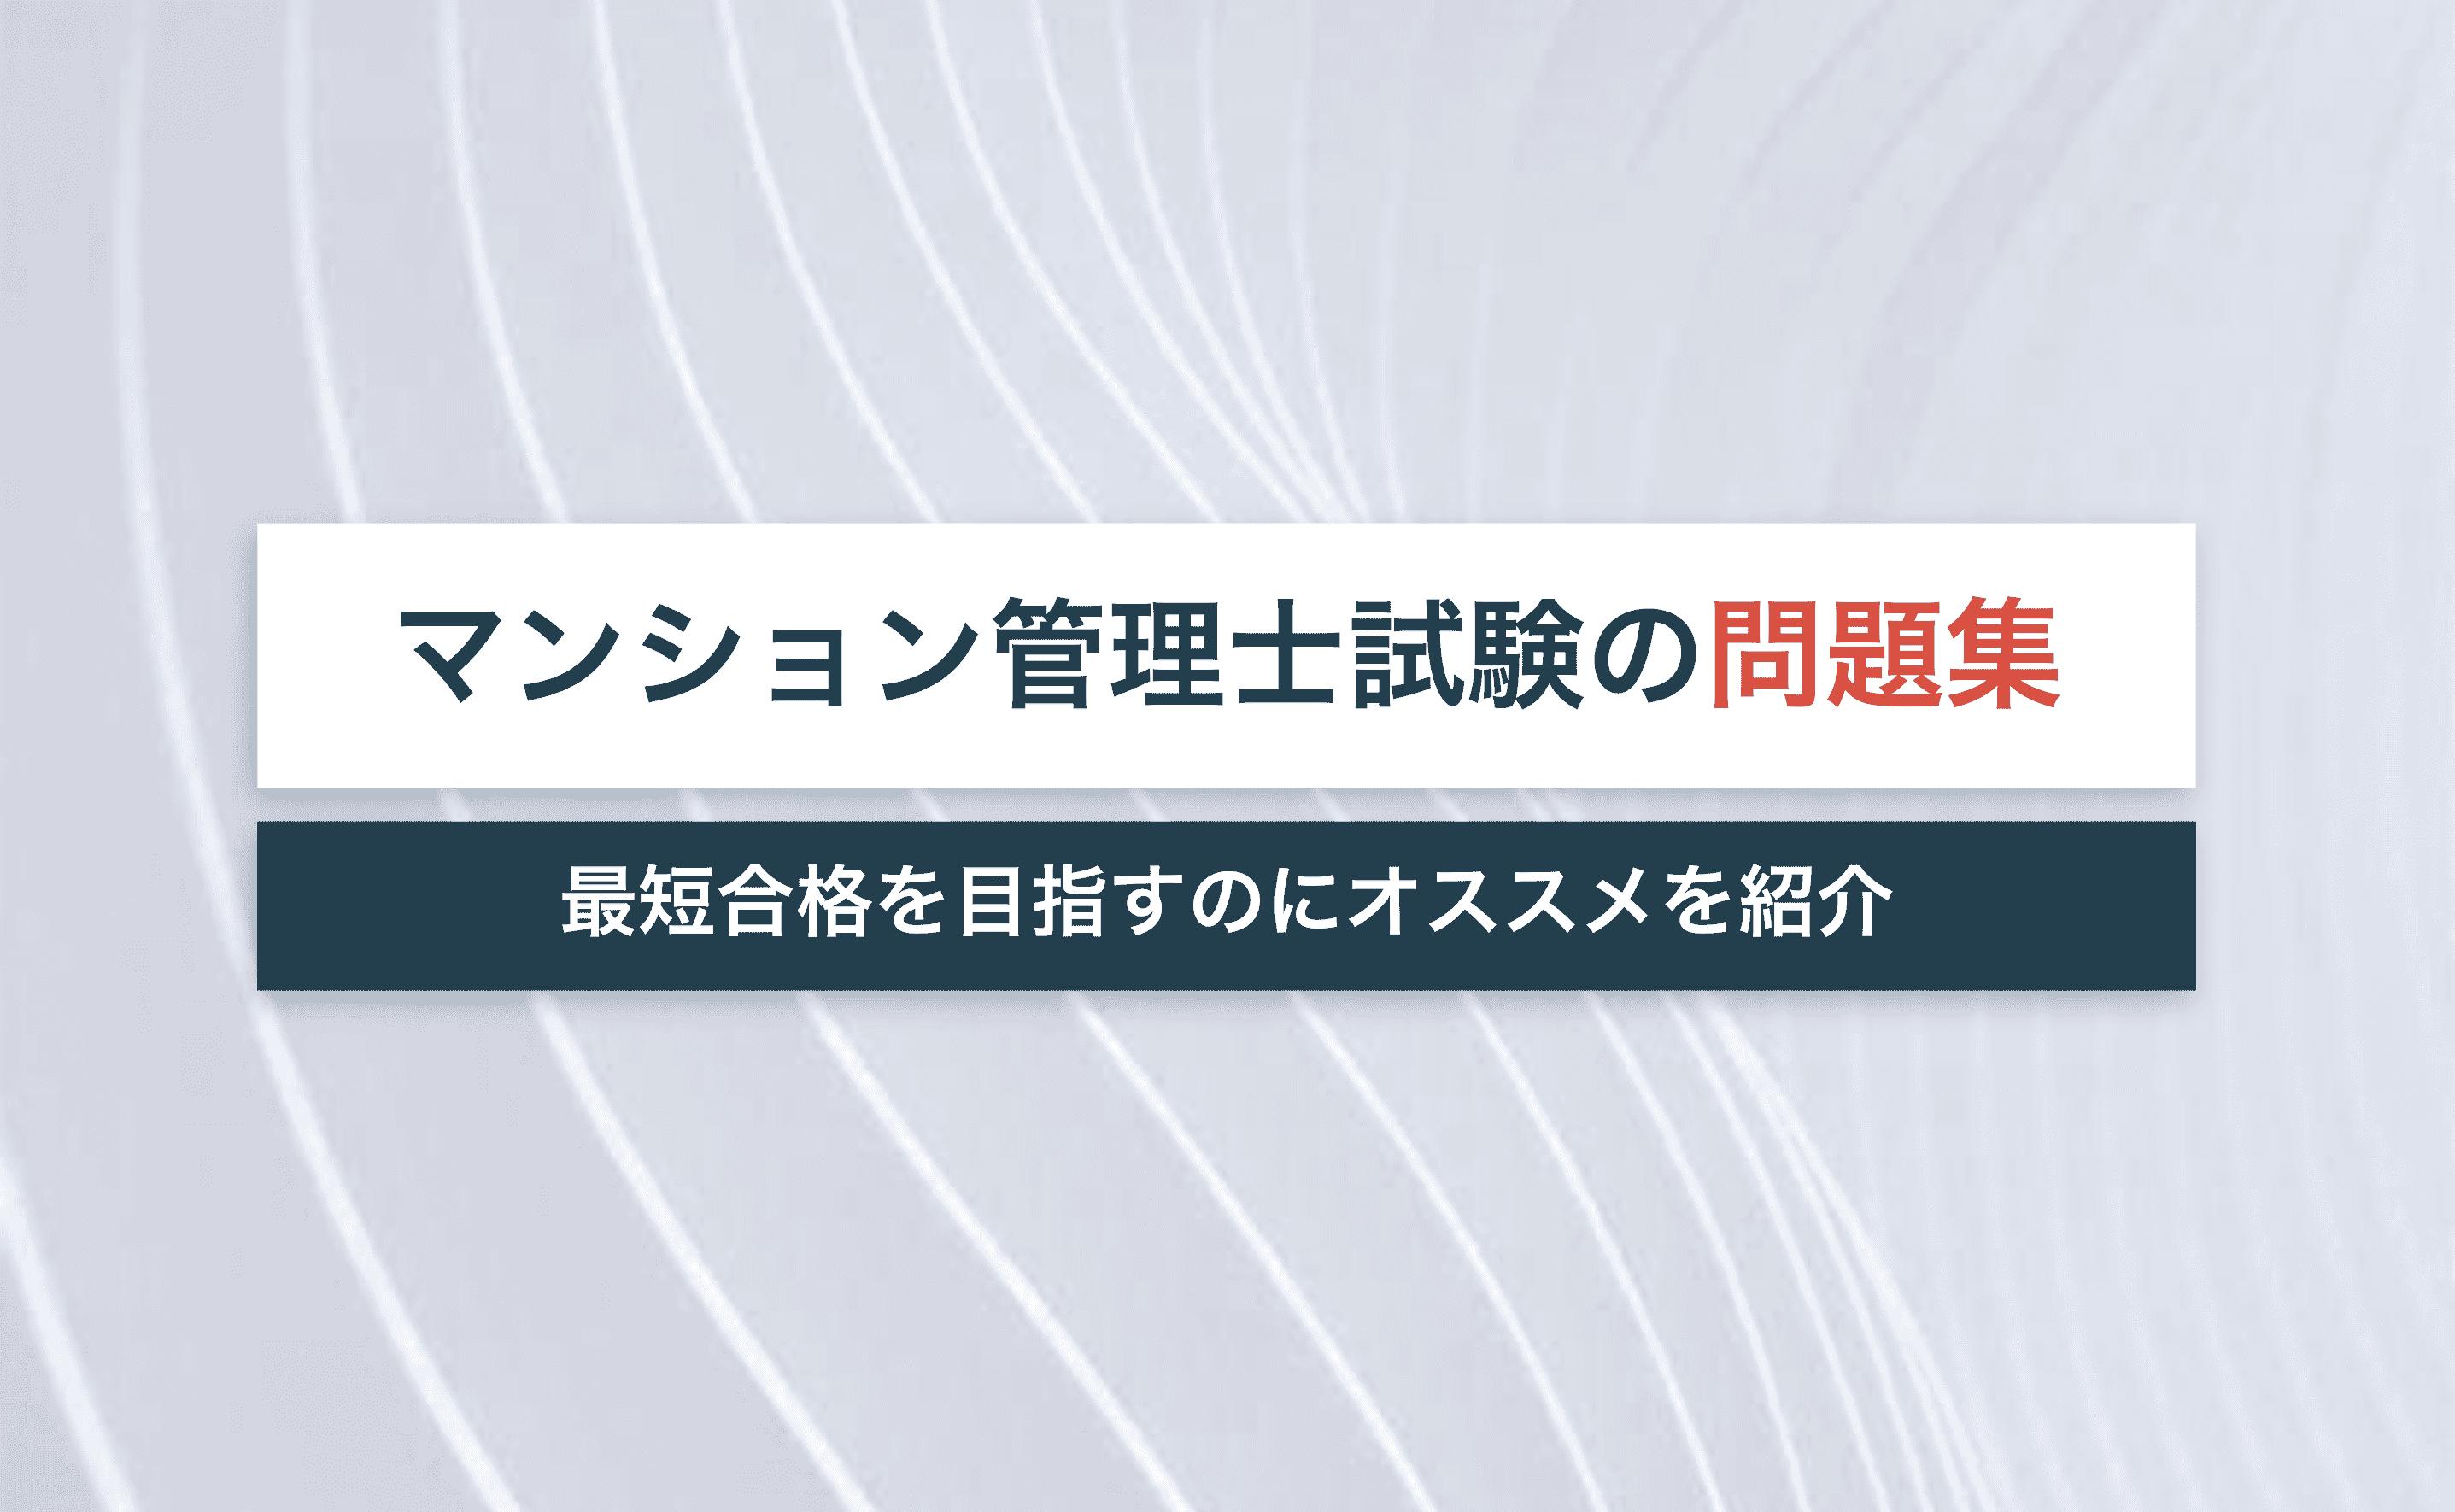 マンション管理士試験に最短合格!おすすめ問題集・テキスト紹介【2020年・独学・過去問】